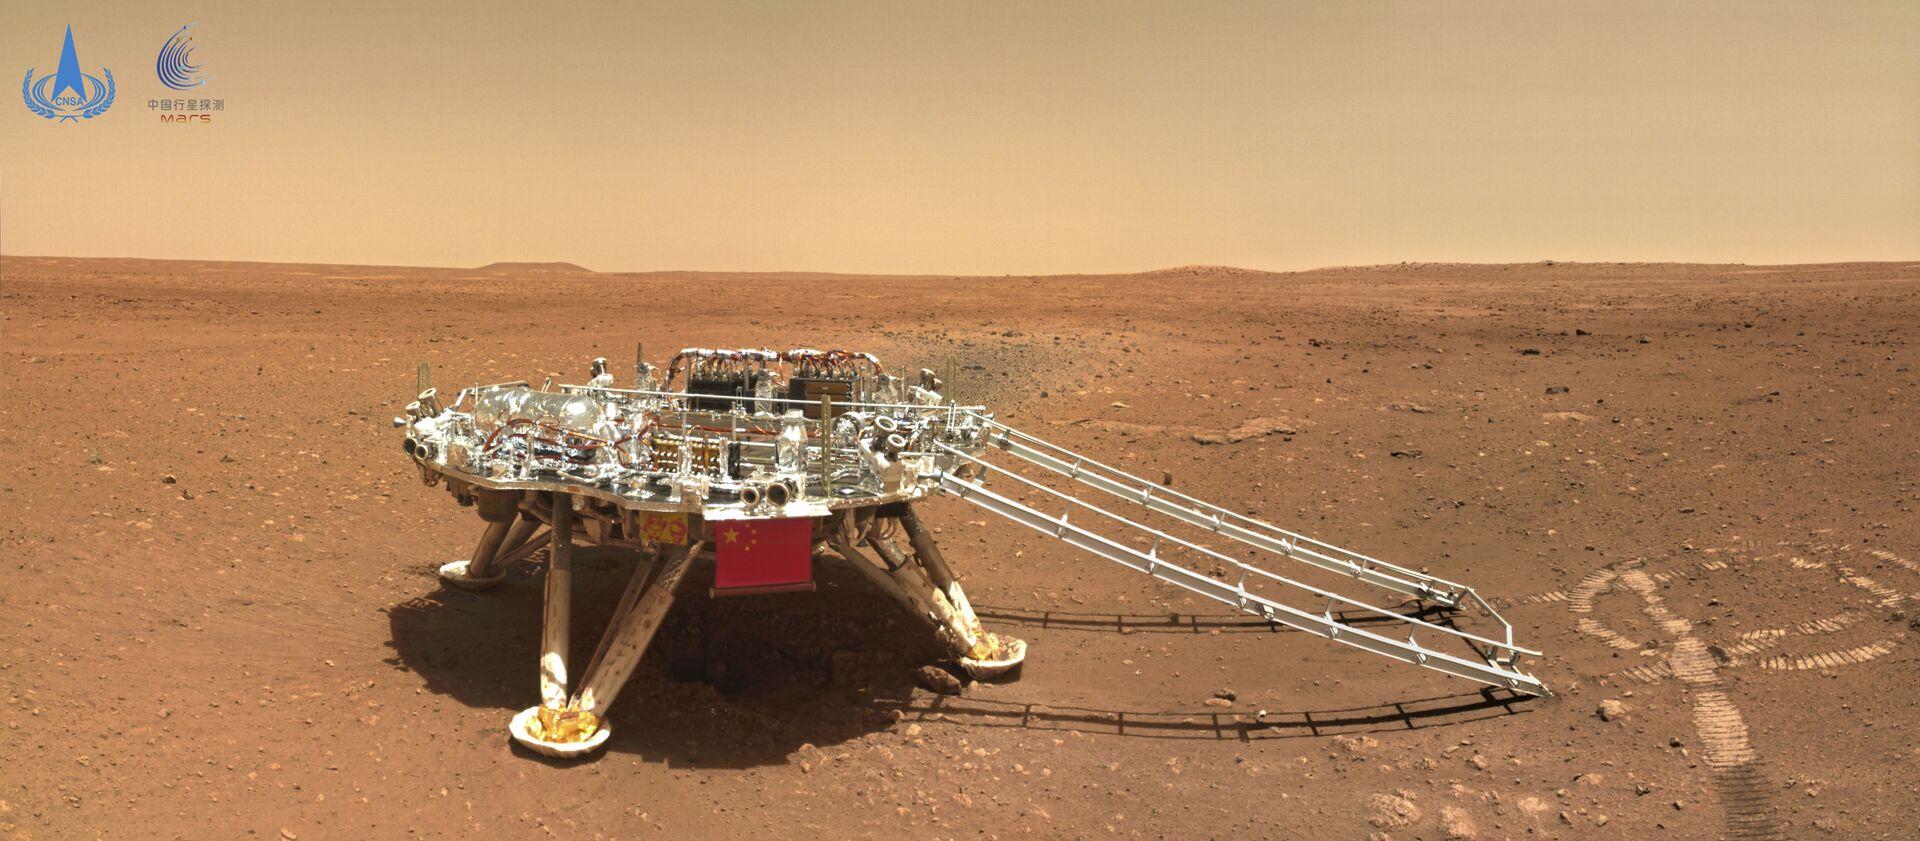 Кинески ровер Џуронг на површини Марса. - Sputnik Србија, 1920, 13.07.2021